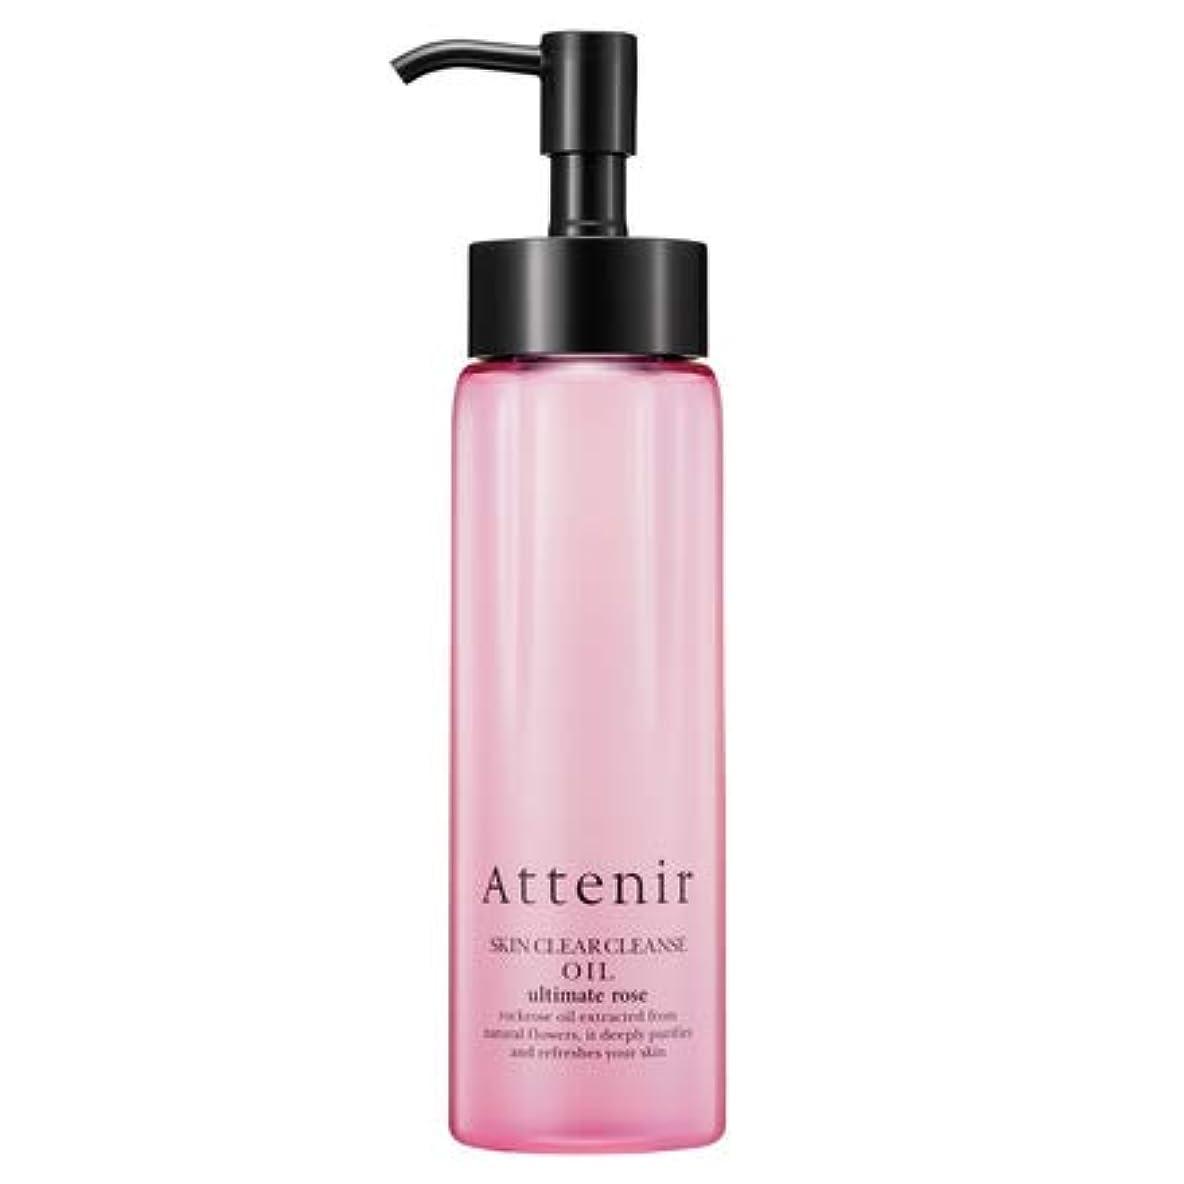 ウィザード調整する実業家アテニア スキンクリアクレンズ アロマタイプ ローズの香り 175mL オイルAR(クレンジング)